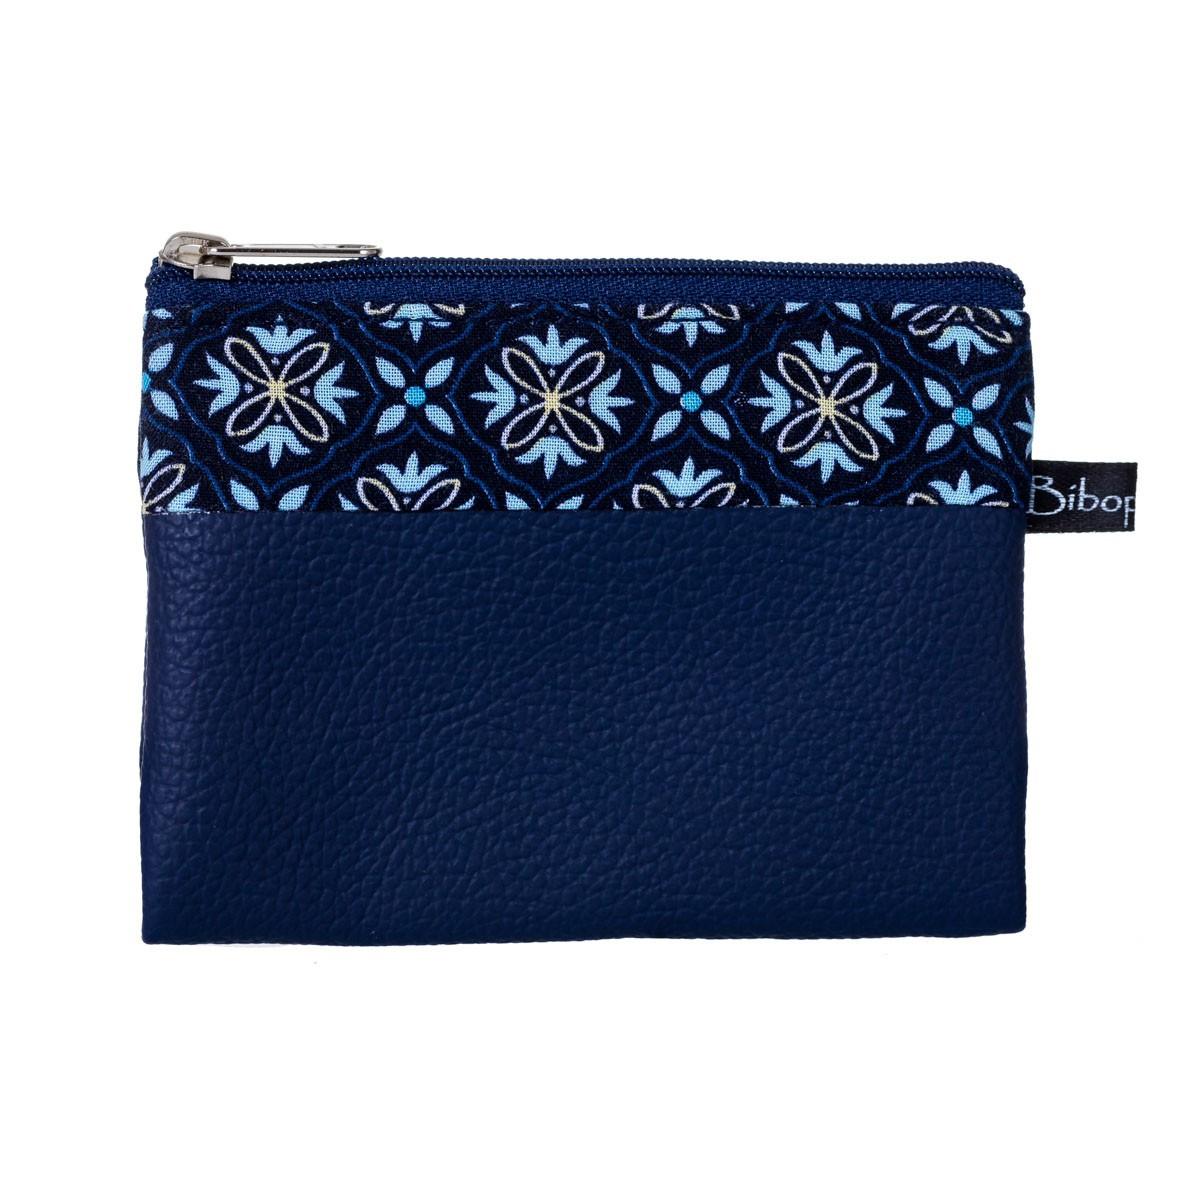 Porte-monnaie pochette zippé femme tissu bleu original Milo